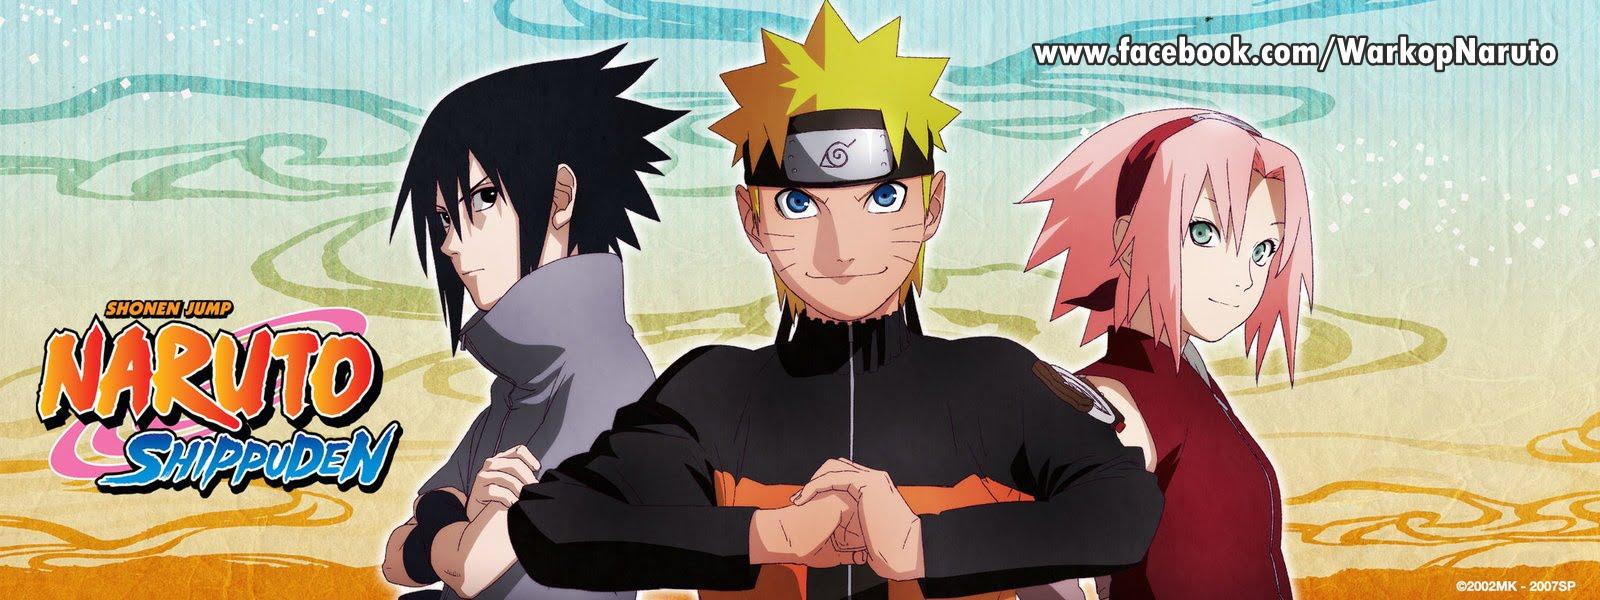 Jadwal Naruto Shippuden Terbaru